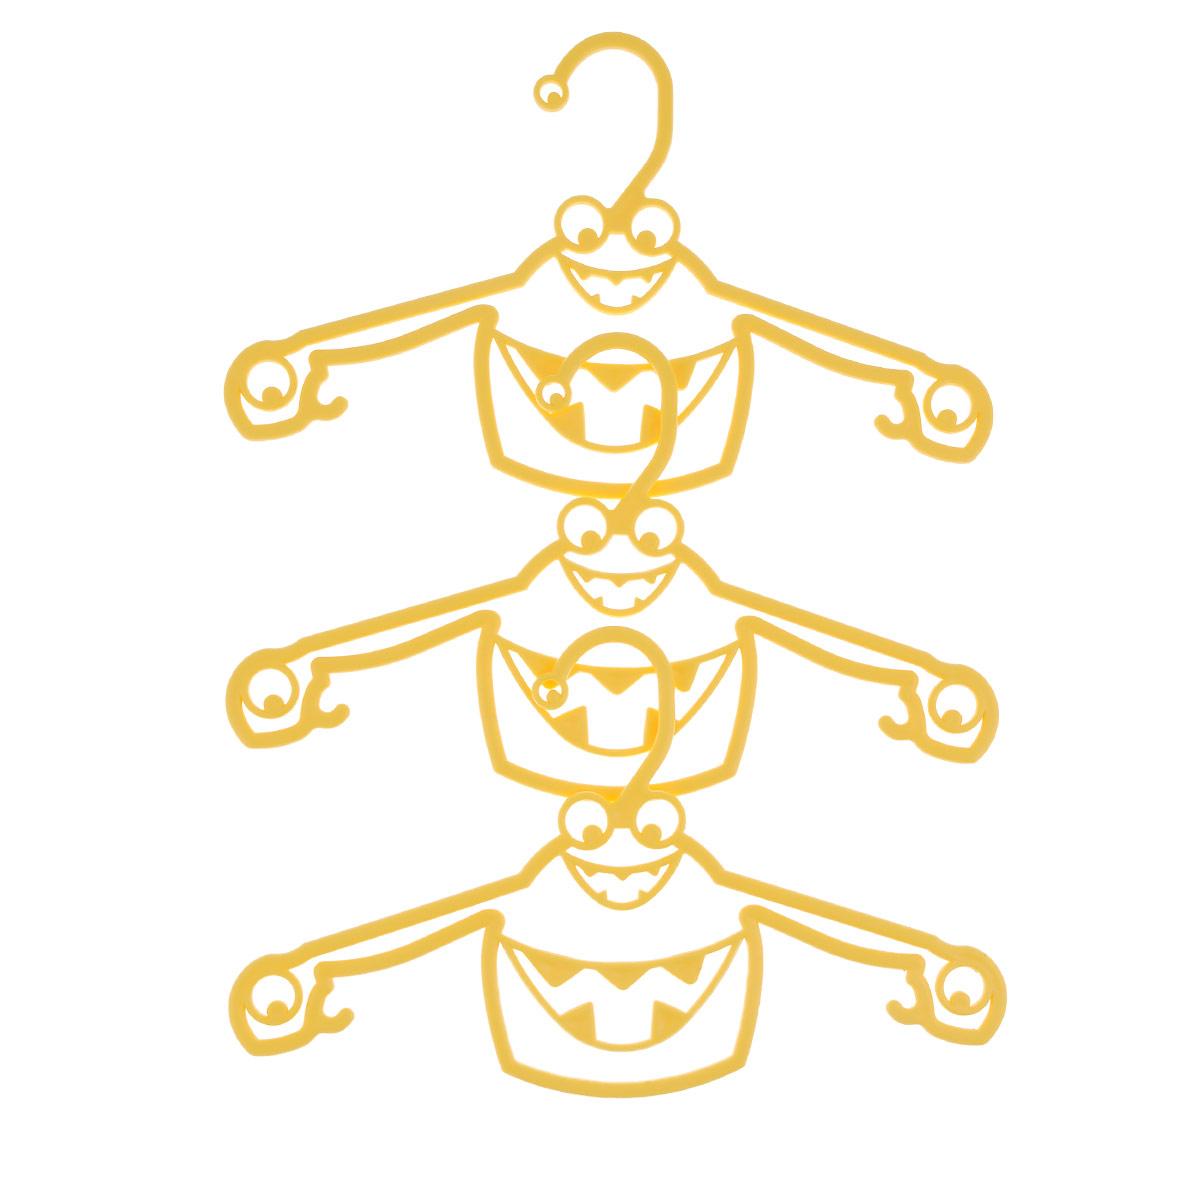 Набор вешалок Пластишка, с крючками, цвет: желтый, 3 штU210DFНабор Пластишка, изготовленный из прочного полипропилена, состоит из 3 детских вешалок для одежды с закругленными плечиками. Изделия оснащены крючками. Вешалка - это незаменимая вещь для того, чтобы ваша одежда всегда оставалась в хорошем состоянии.Комплектация: 3 шт.